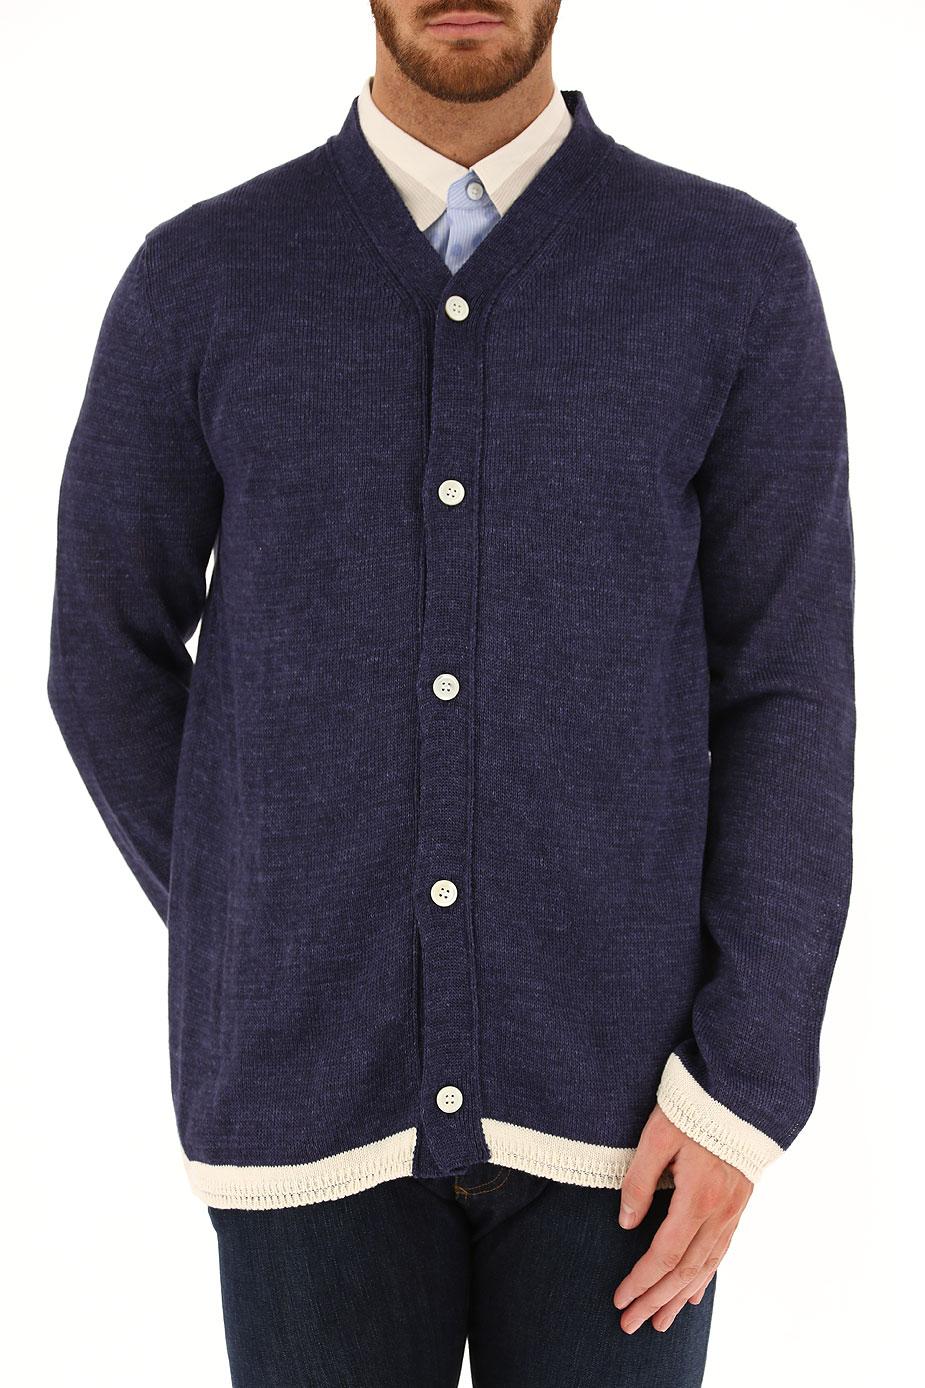 Abbigliamento Uomo Comme des Gar�ons, Codice Articolo: s22510-blu-